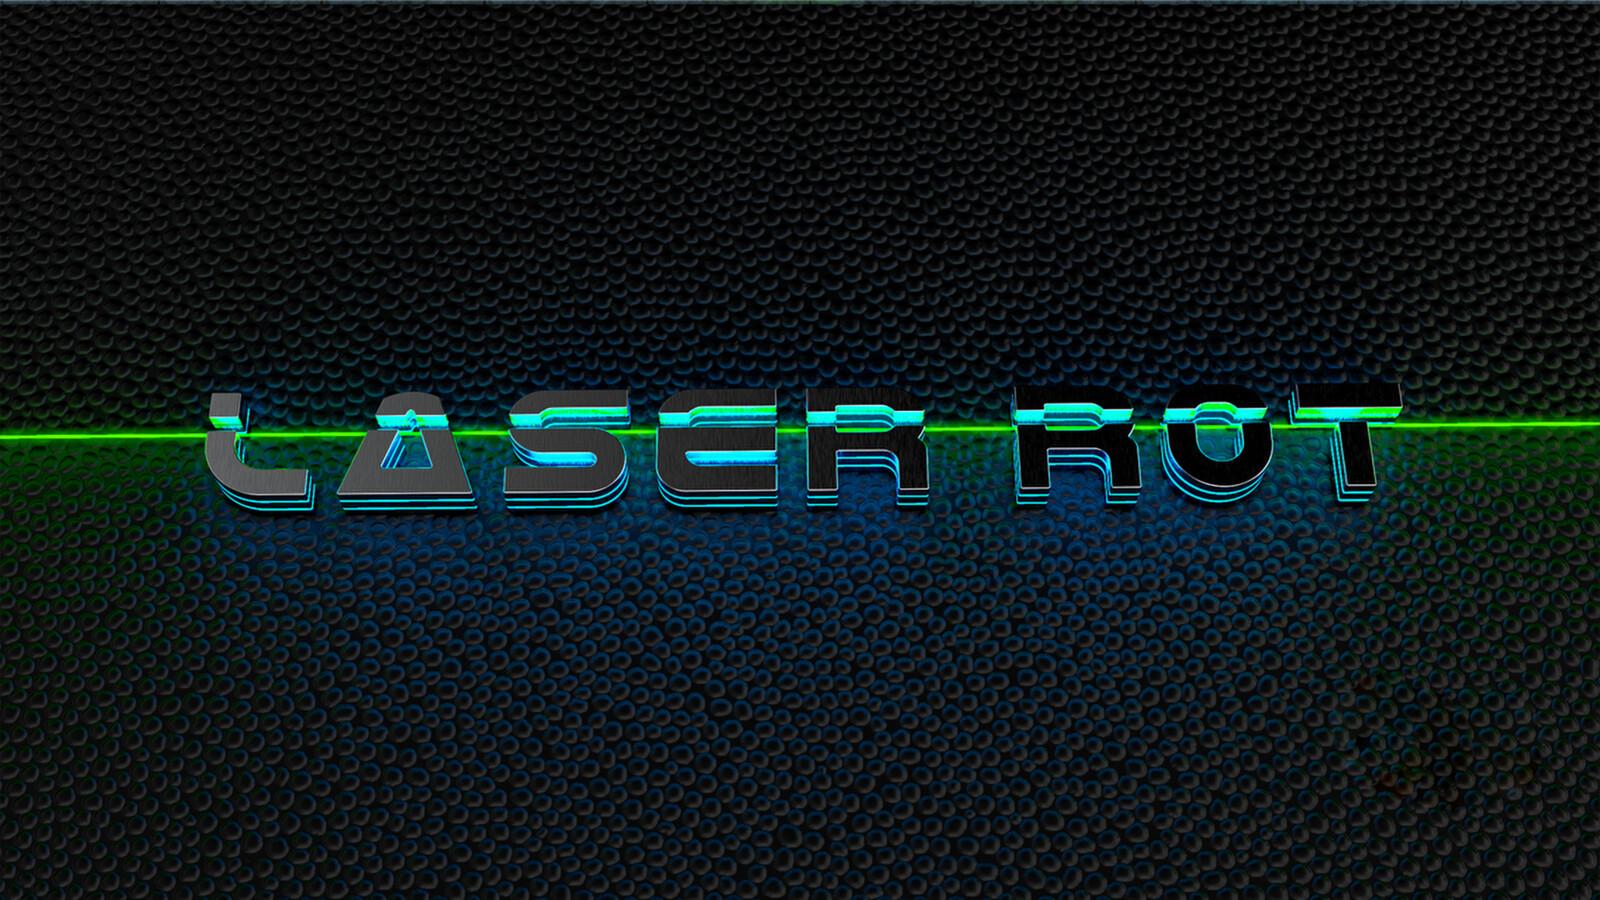 Logo Images For Music Artist